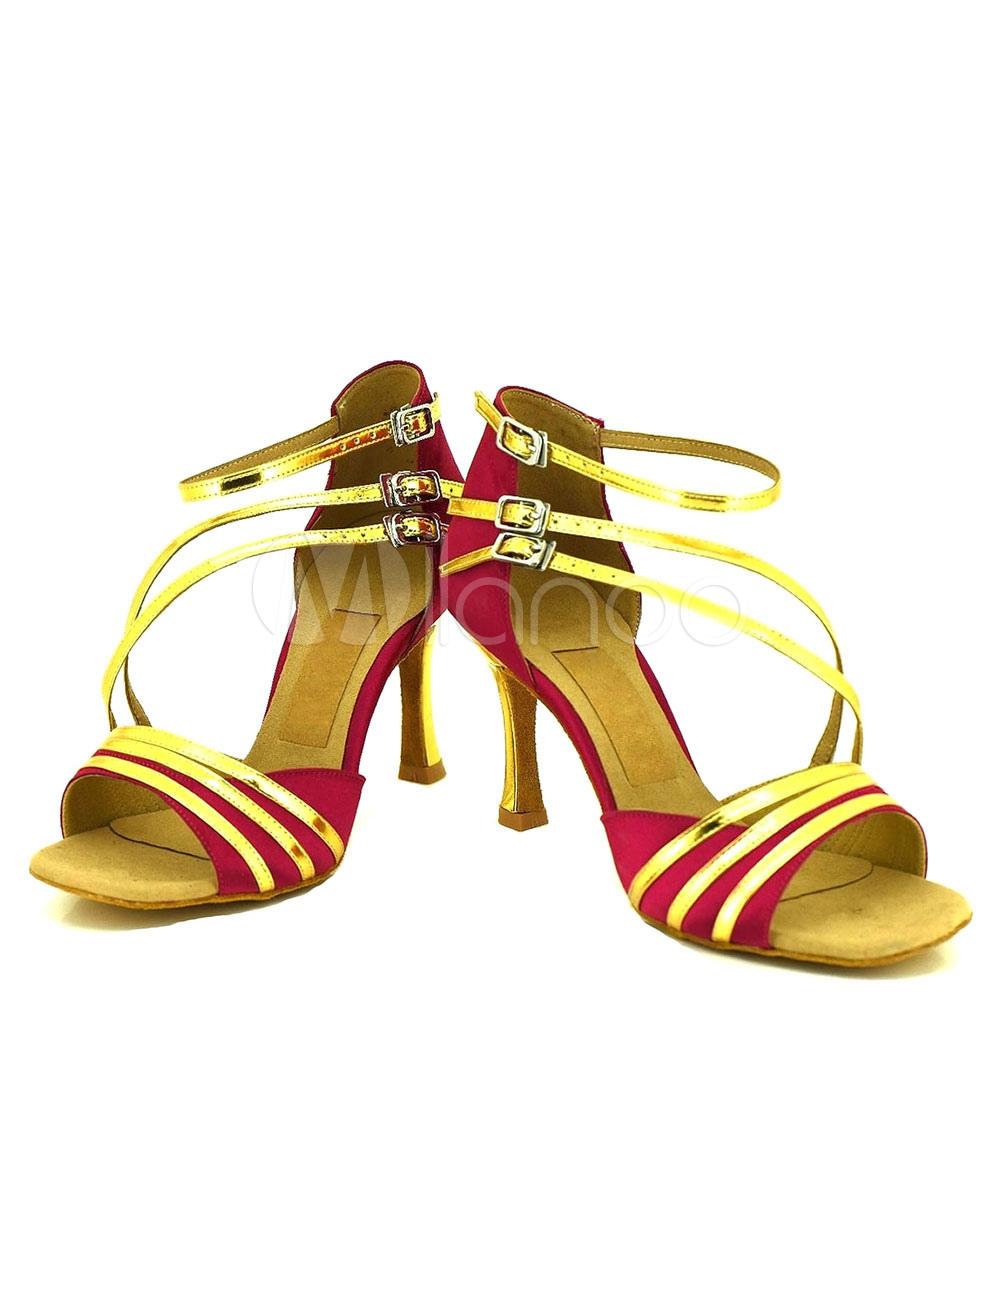 Negro zapatos Open Toe hebilla correa ajustable salón de baile zapatos de tacón alto las mujeres N54T6fK5yN